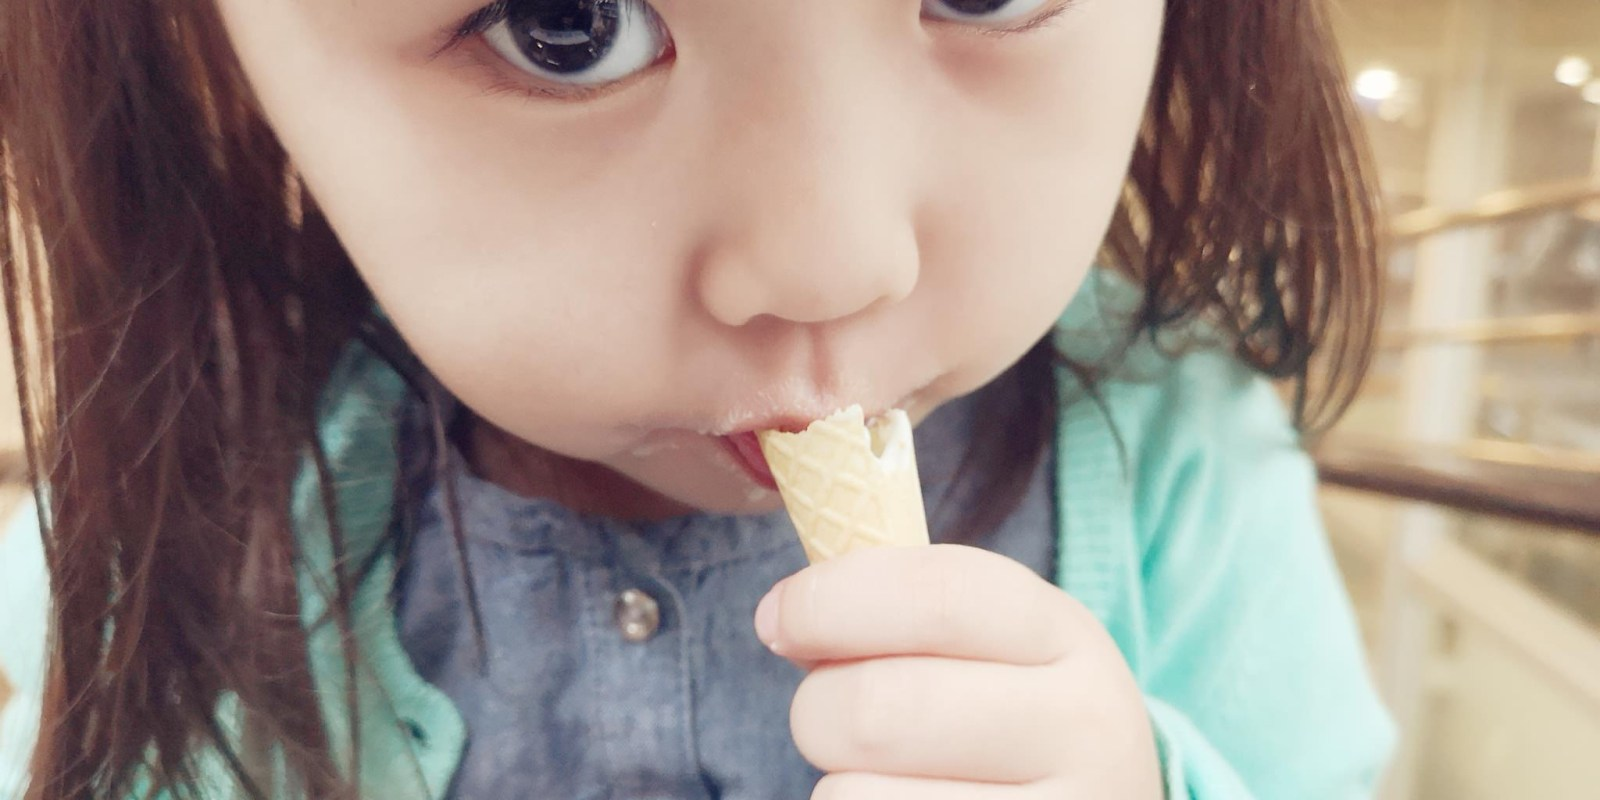 台南母親節節餐廳懶人包➤母親節餐廳推薦,適合家人的餐廳推薦,母親節快帶媽媽來吃好料吧!